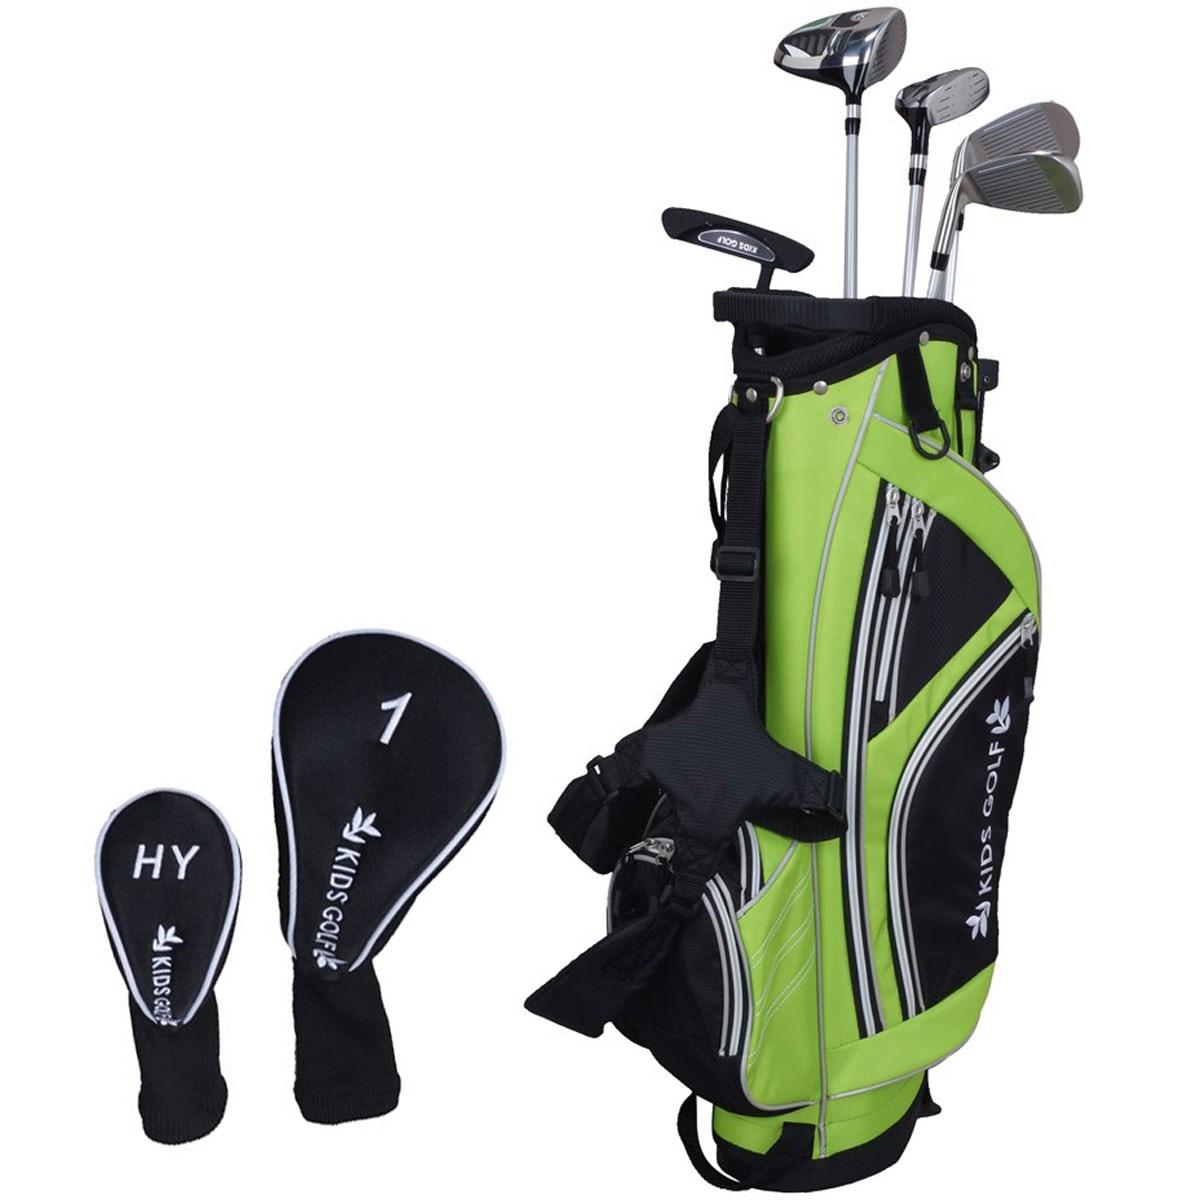 キッズゴルフ GDO限定 クラブセット(5本セット)100-120cmサイズジュニア